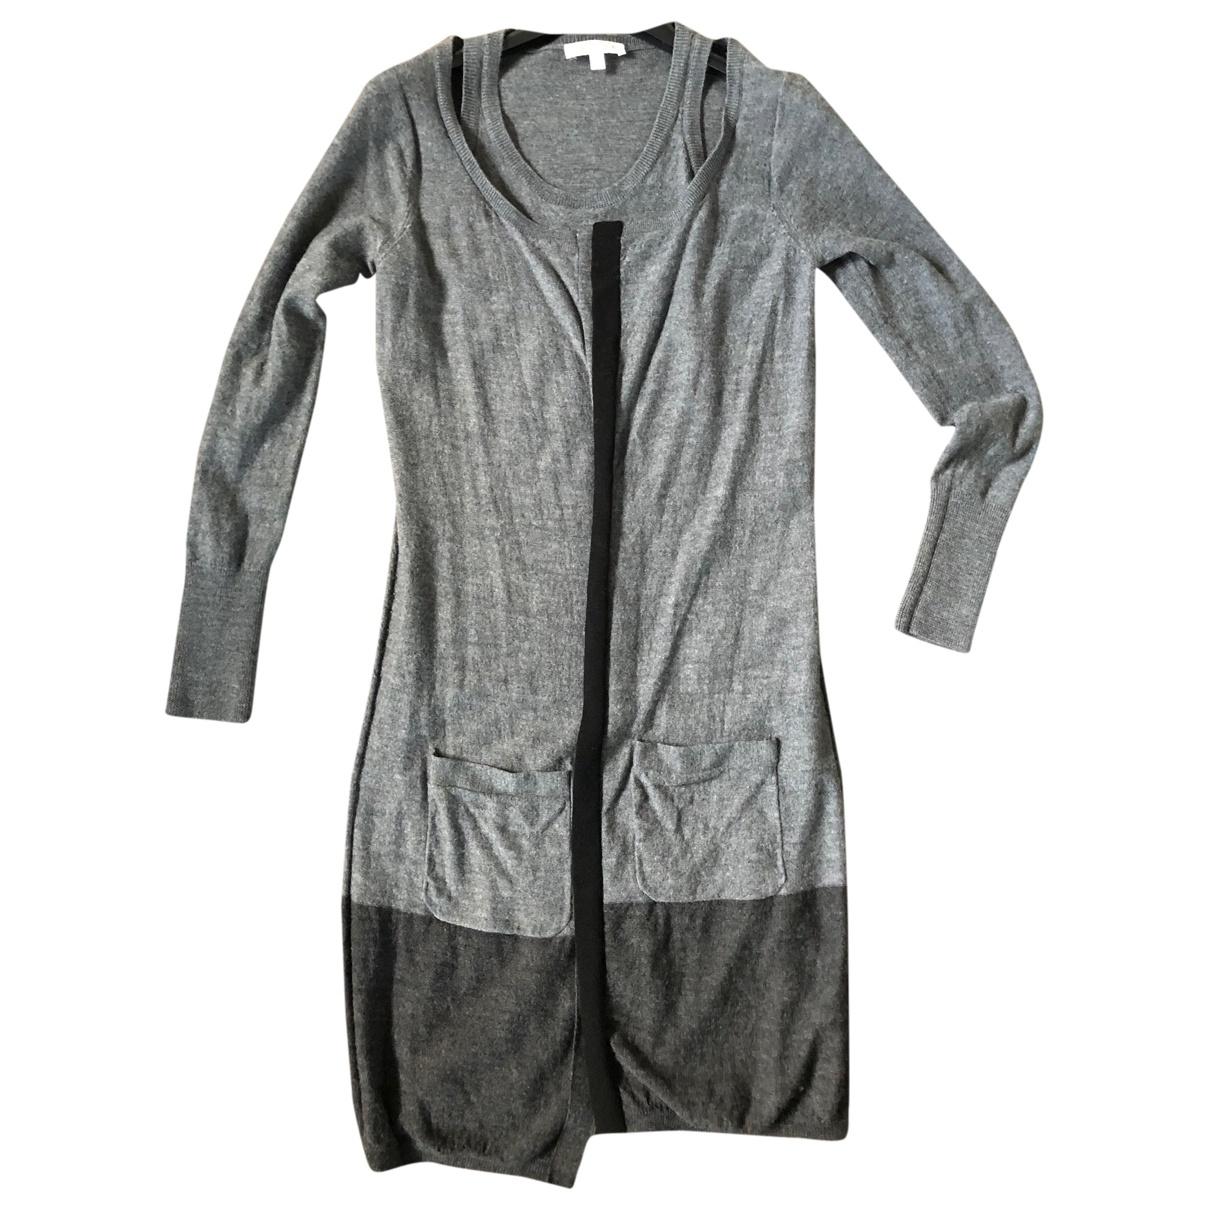 Paule Ka \N Kleid in  Grau Wolle